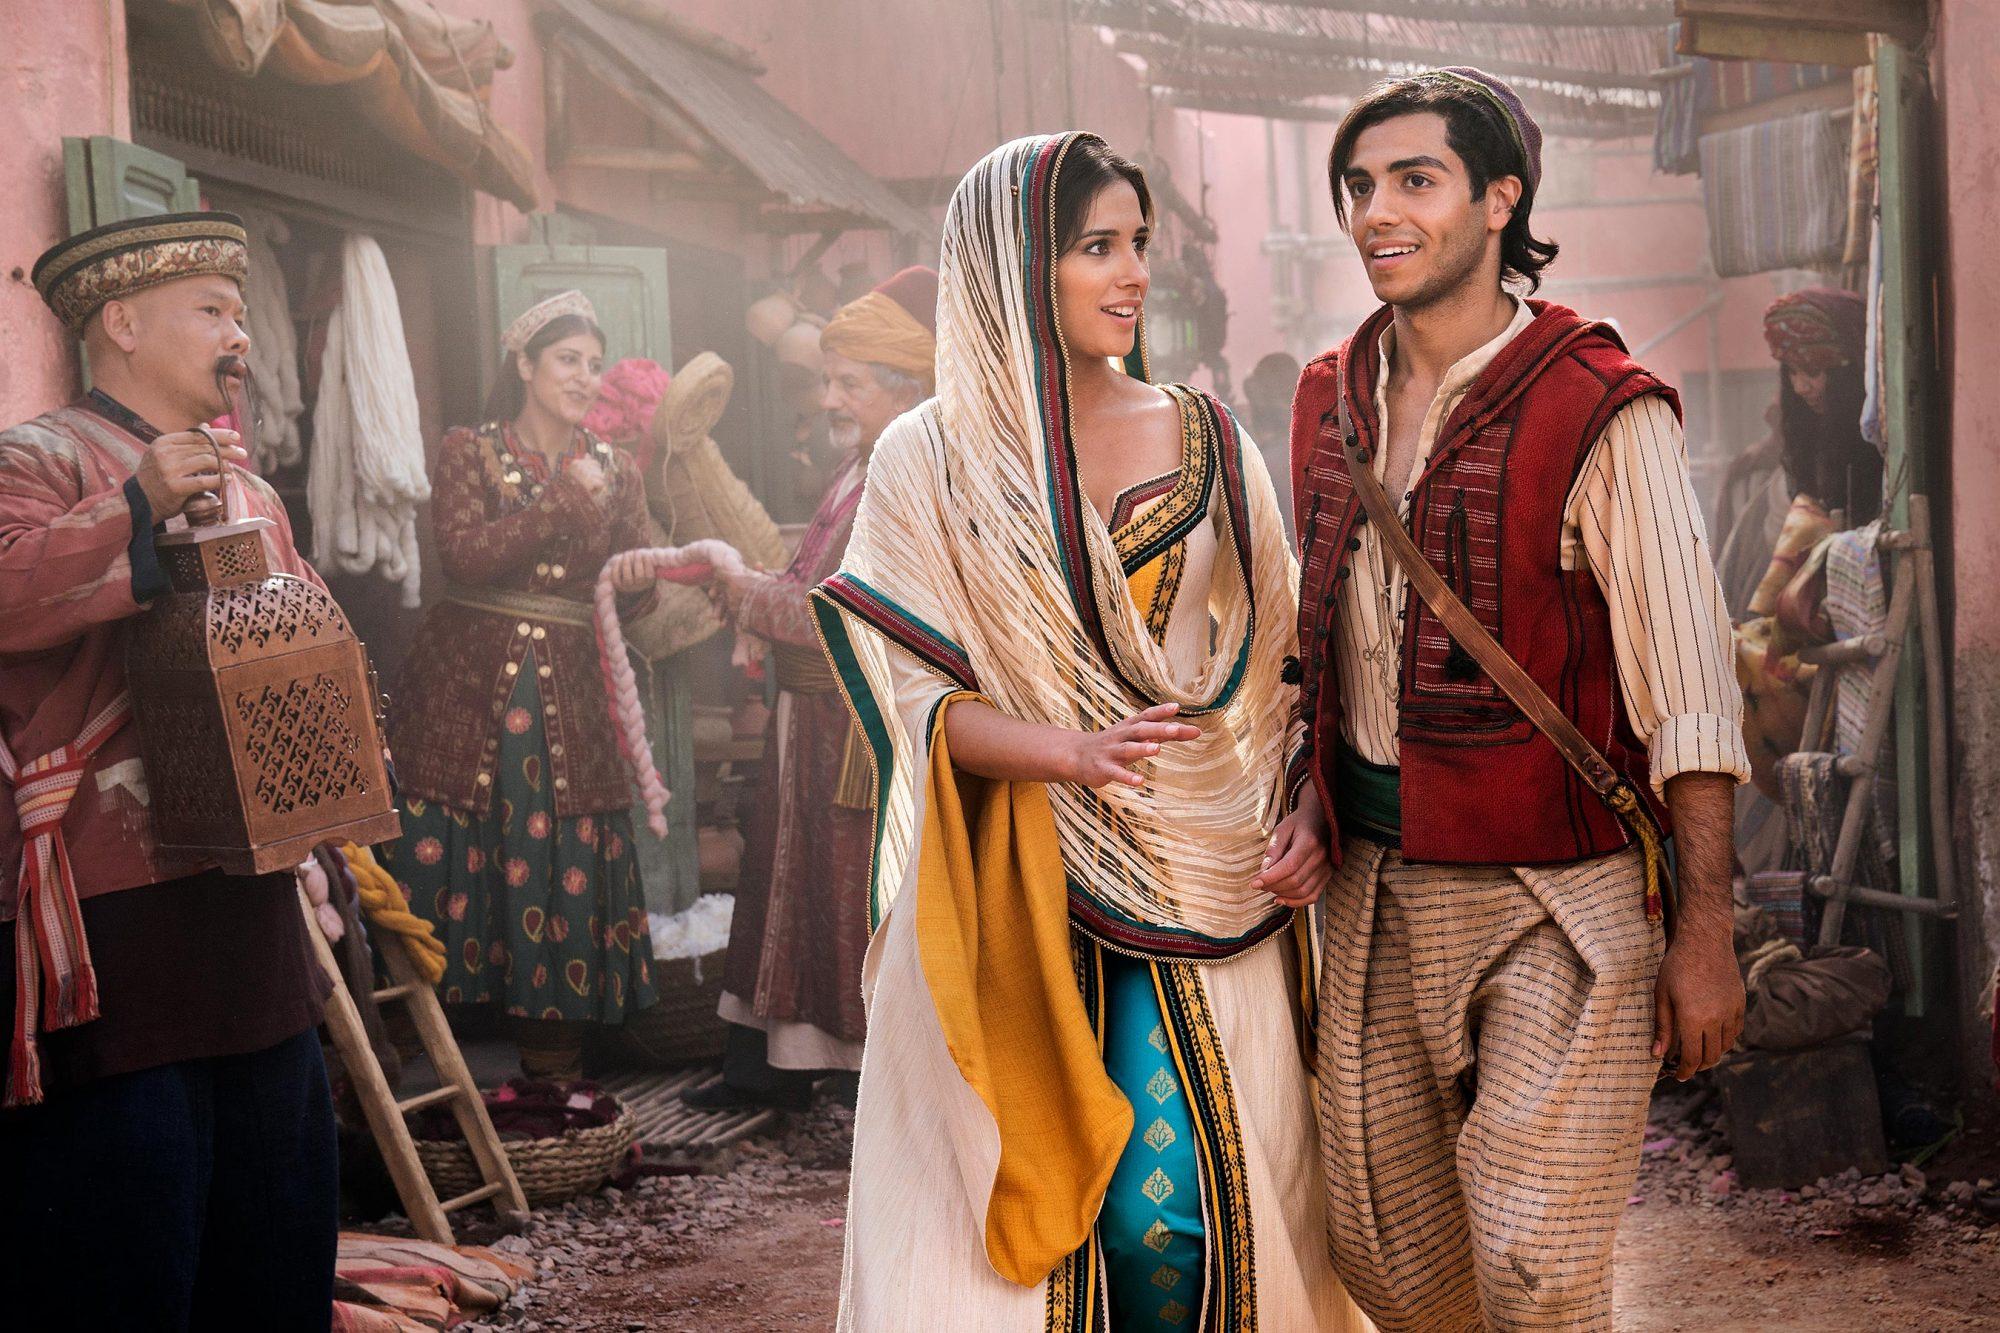 ALADDIN Naomi Scott as Jasmine and Mena Massoud as Aladdin